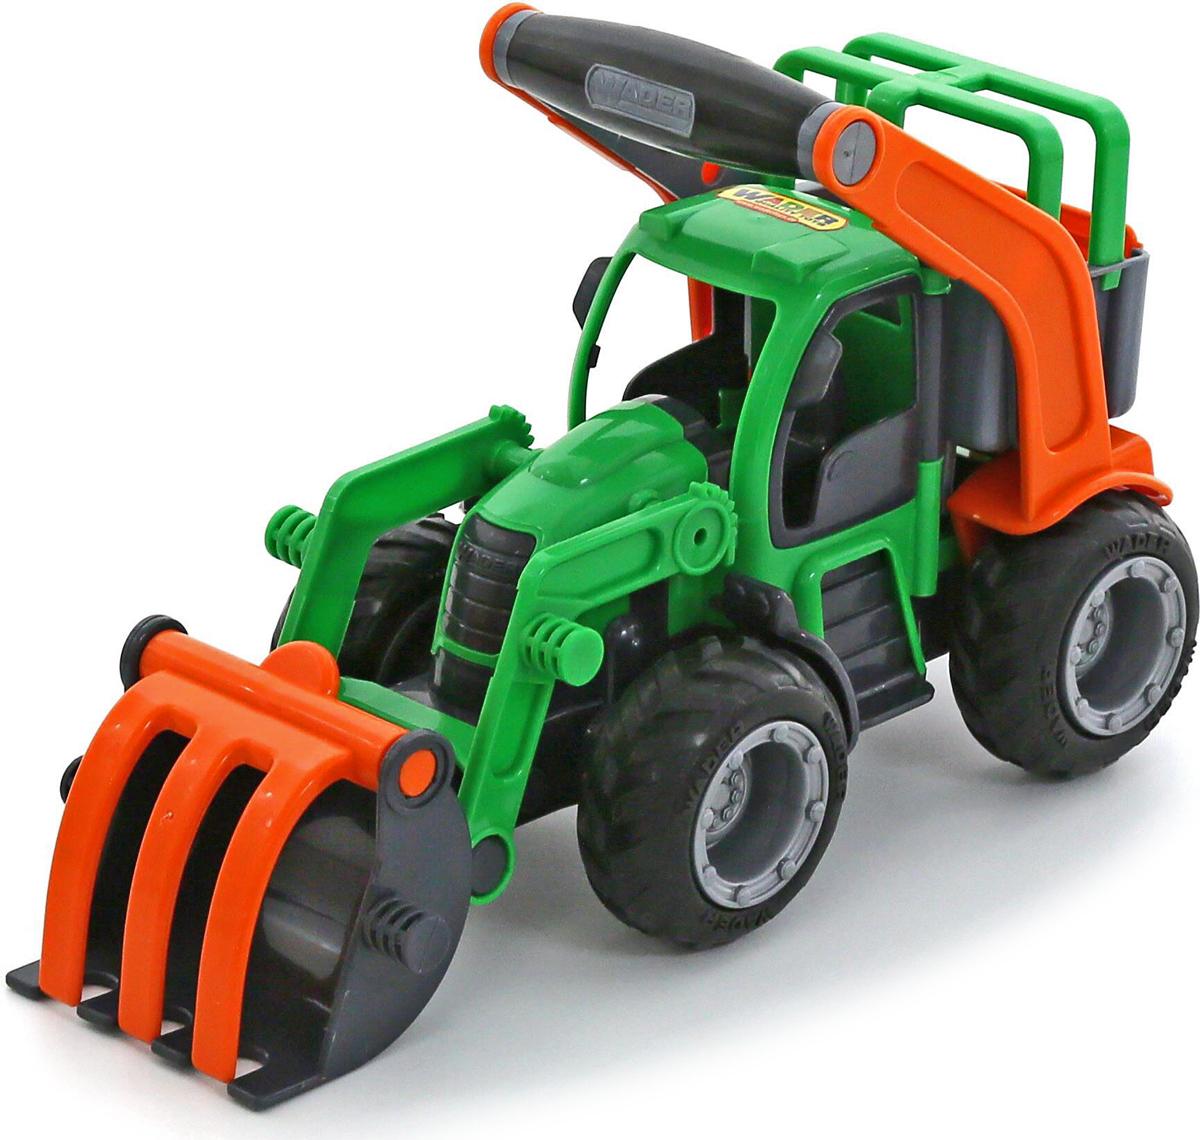 Полесье Трактор-погрузчик ГрипТрак 37367 бу двигатель на трактор